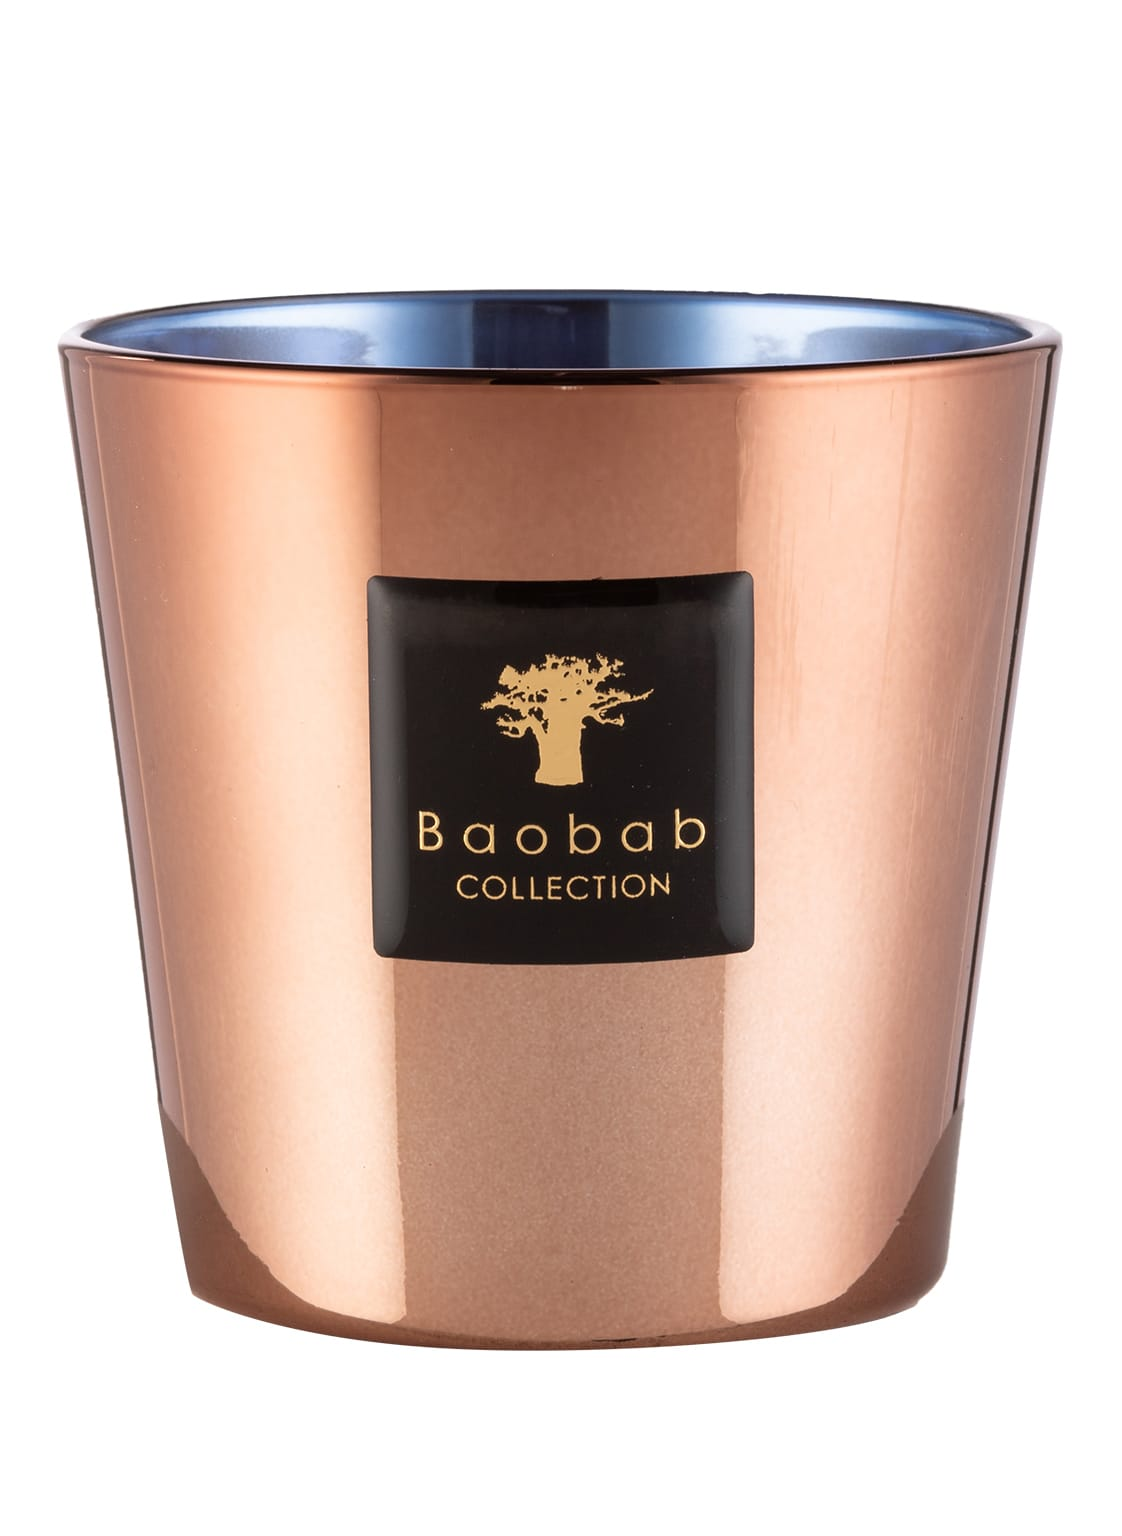 Image of Baobab Collection Duftkerze Cyprium braun